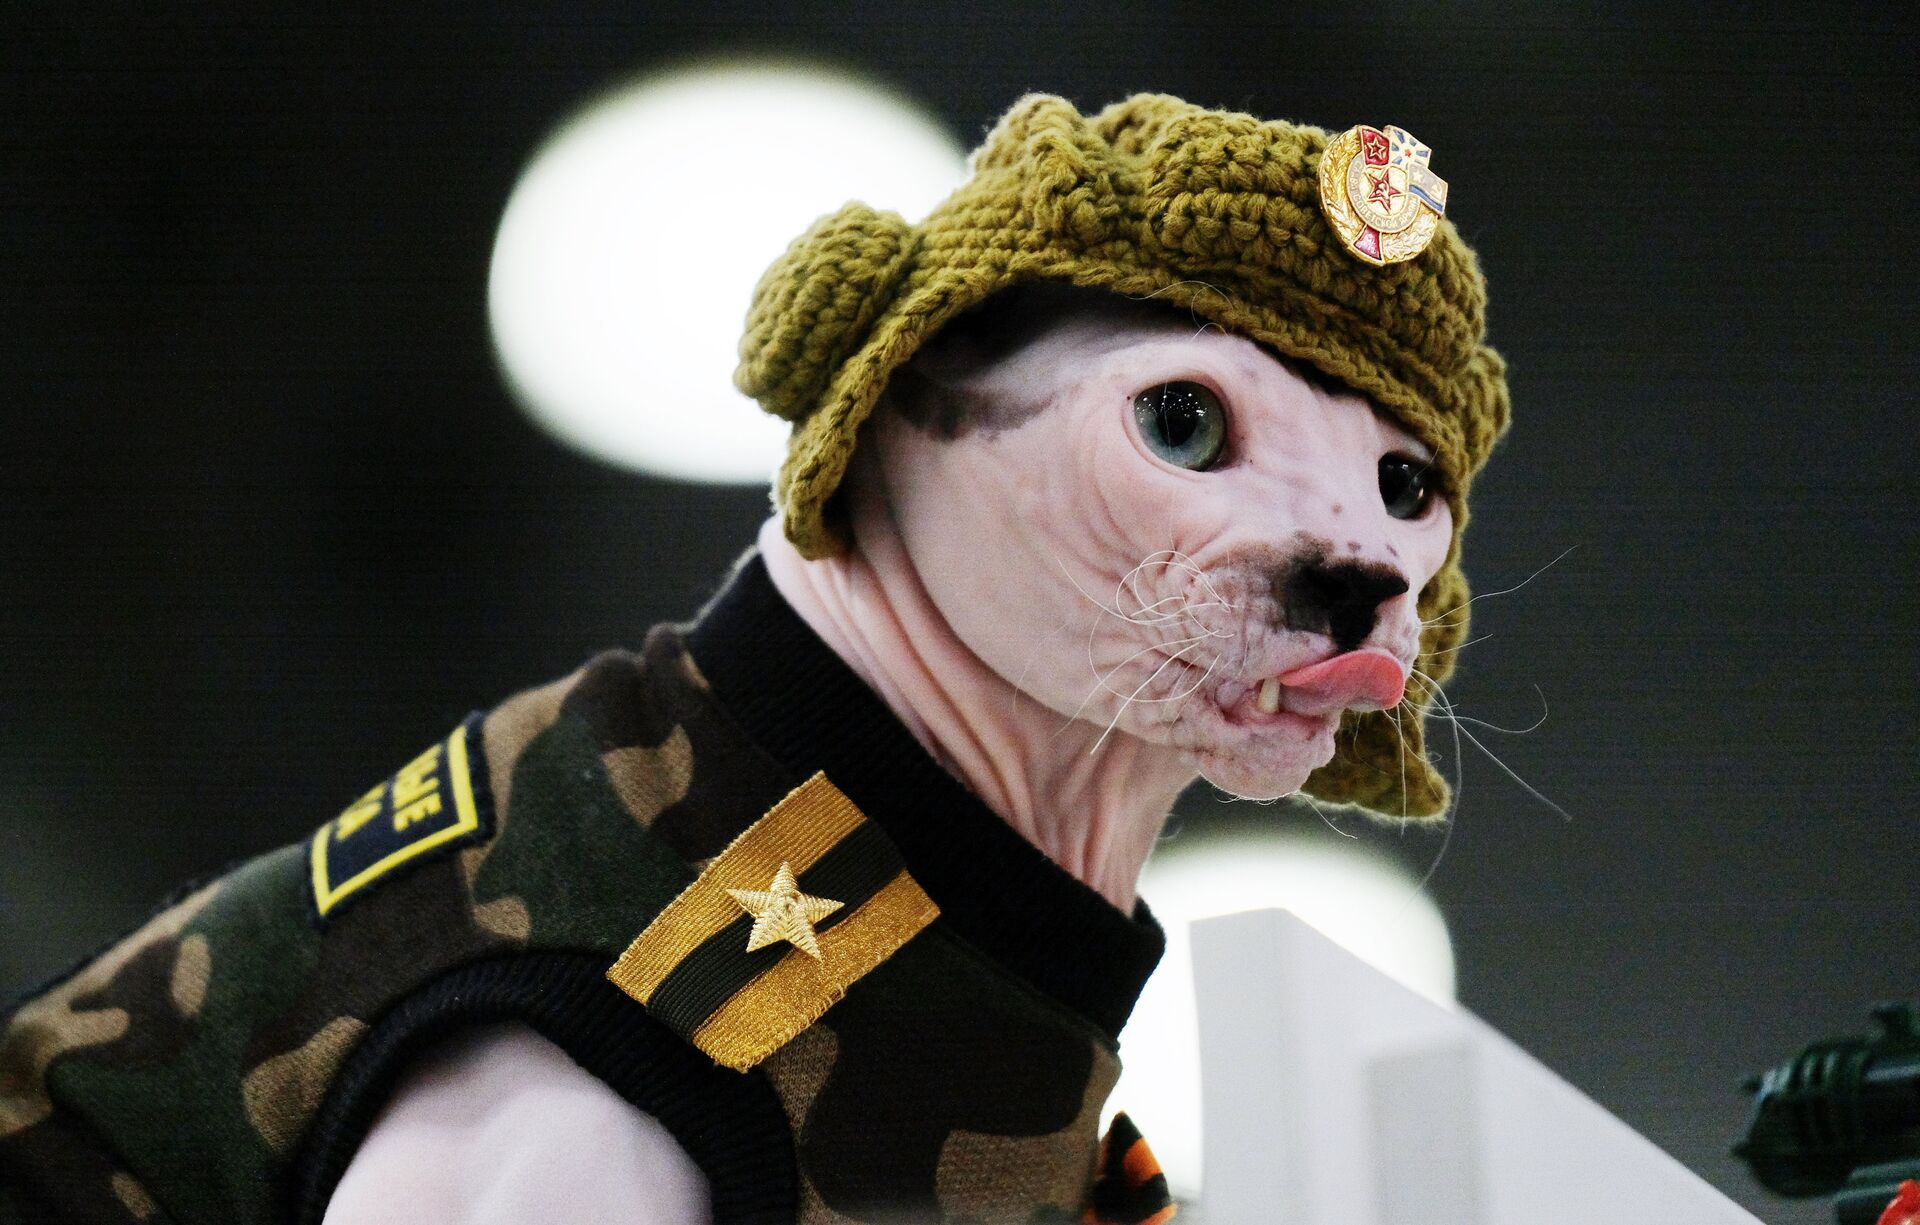 Кошка породы сфинкс в костюме на международной выставке Кэтсбург 2017 в Москве - РИА Новости, 1920, 09.09.2021